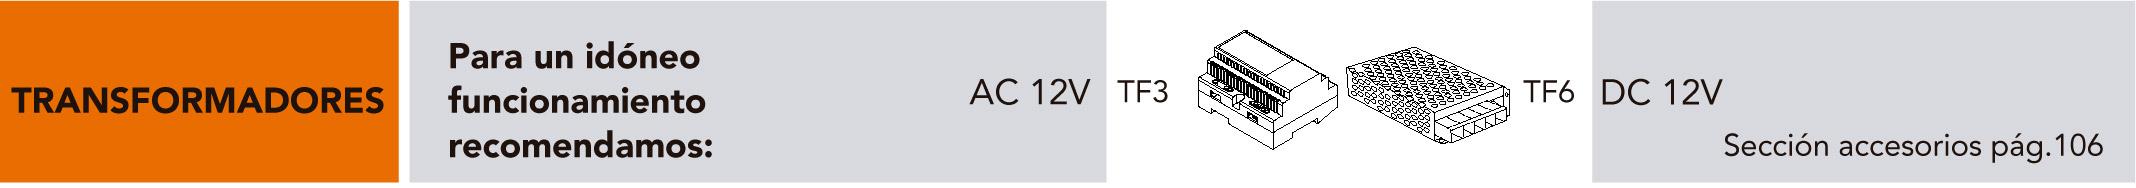 D96_transformadores